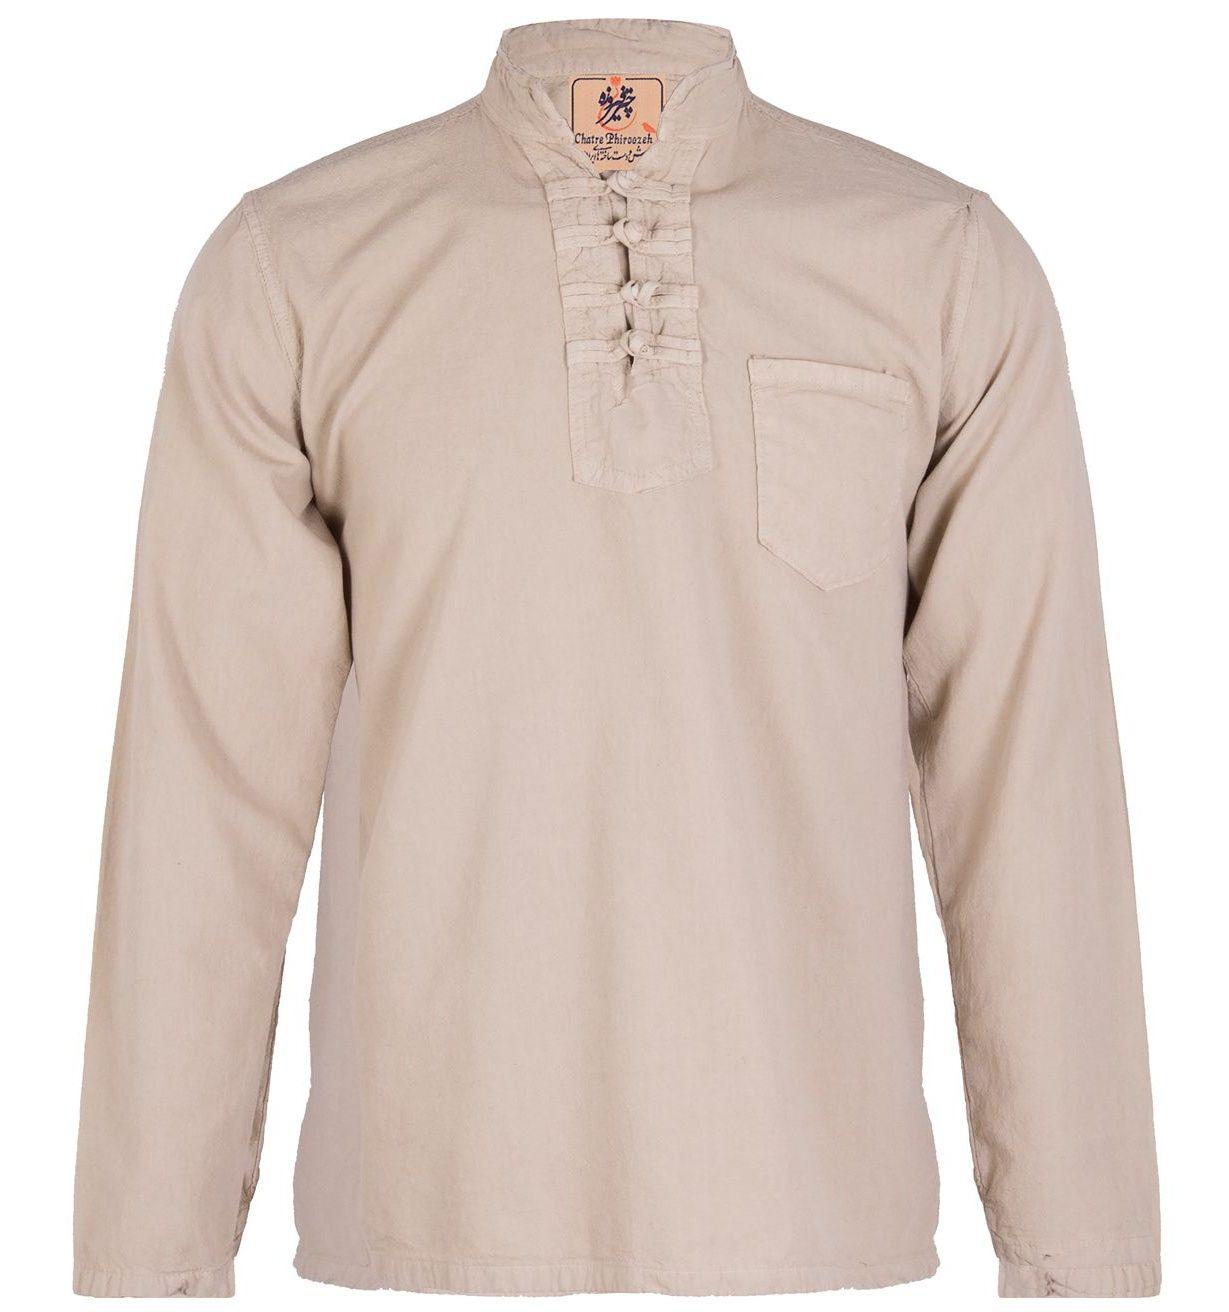 پیراهن مردانه الیاف طبیعی چترفیروزه مدل چهارگره کرم کد 3 -  - 3